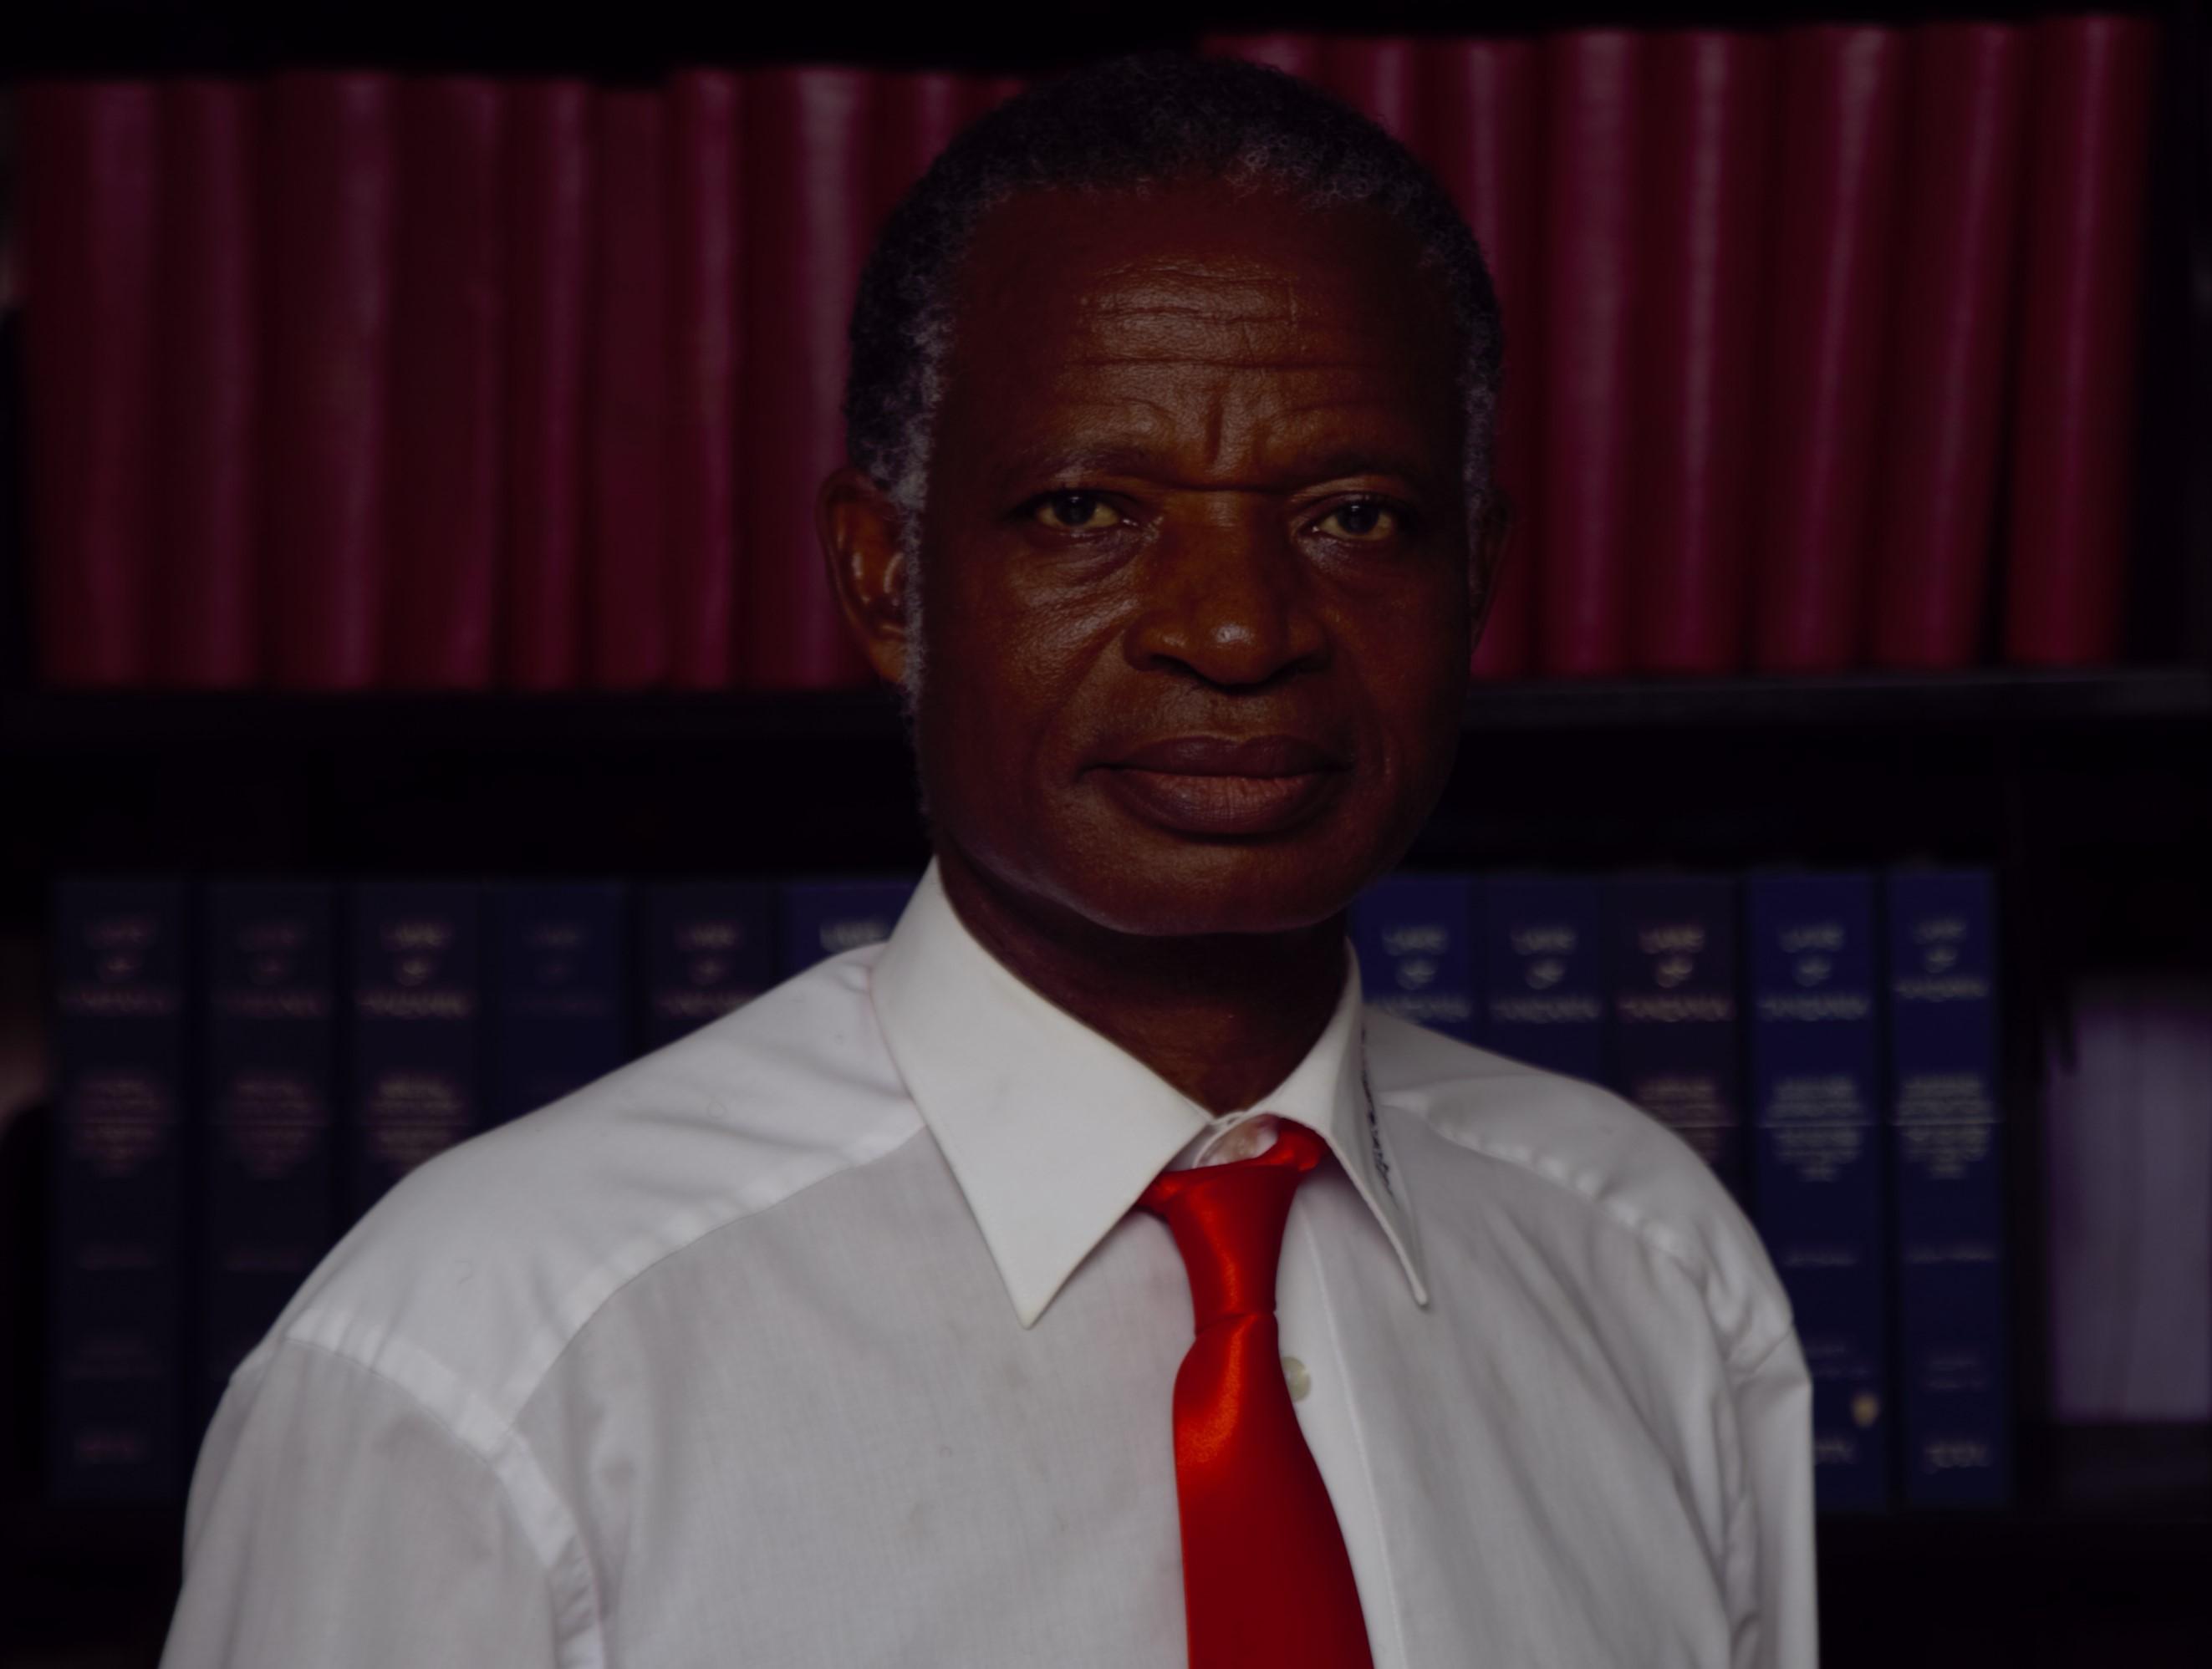 University of Dar es Salaam - University of Dar es Salaam School of Law